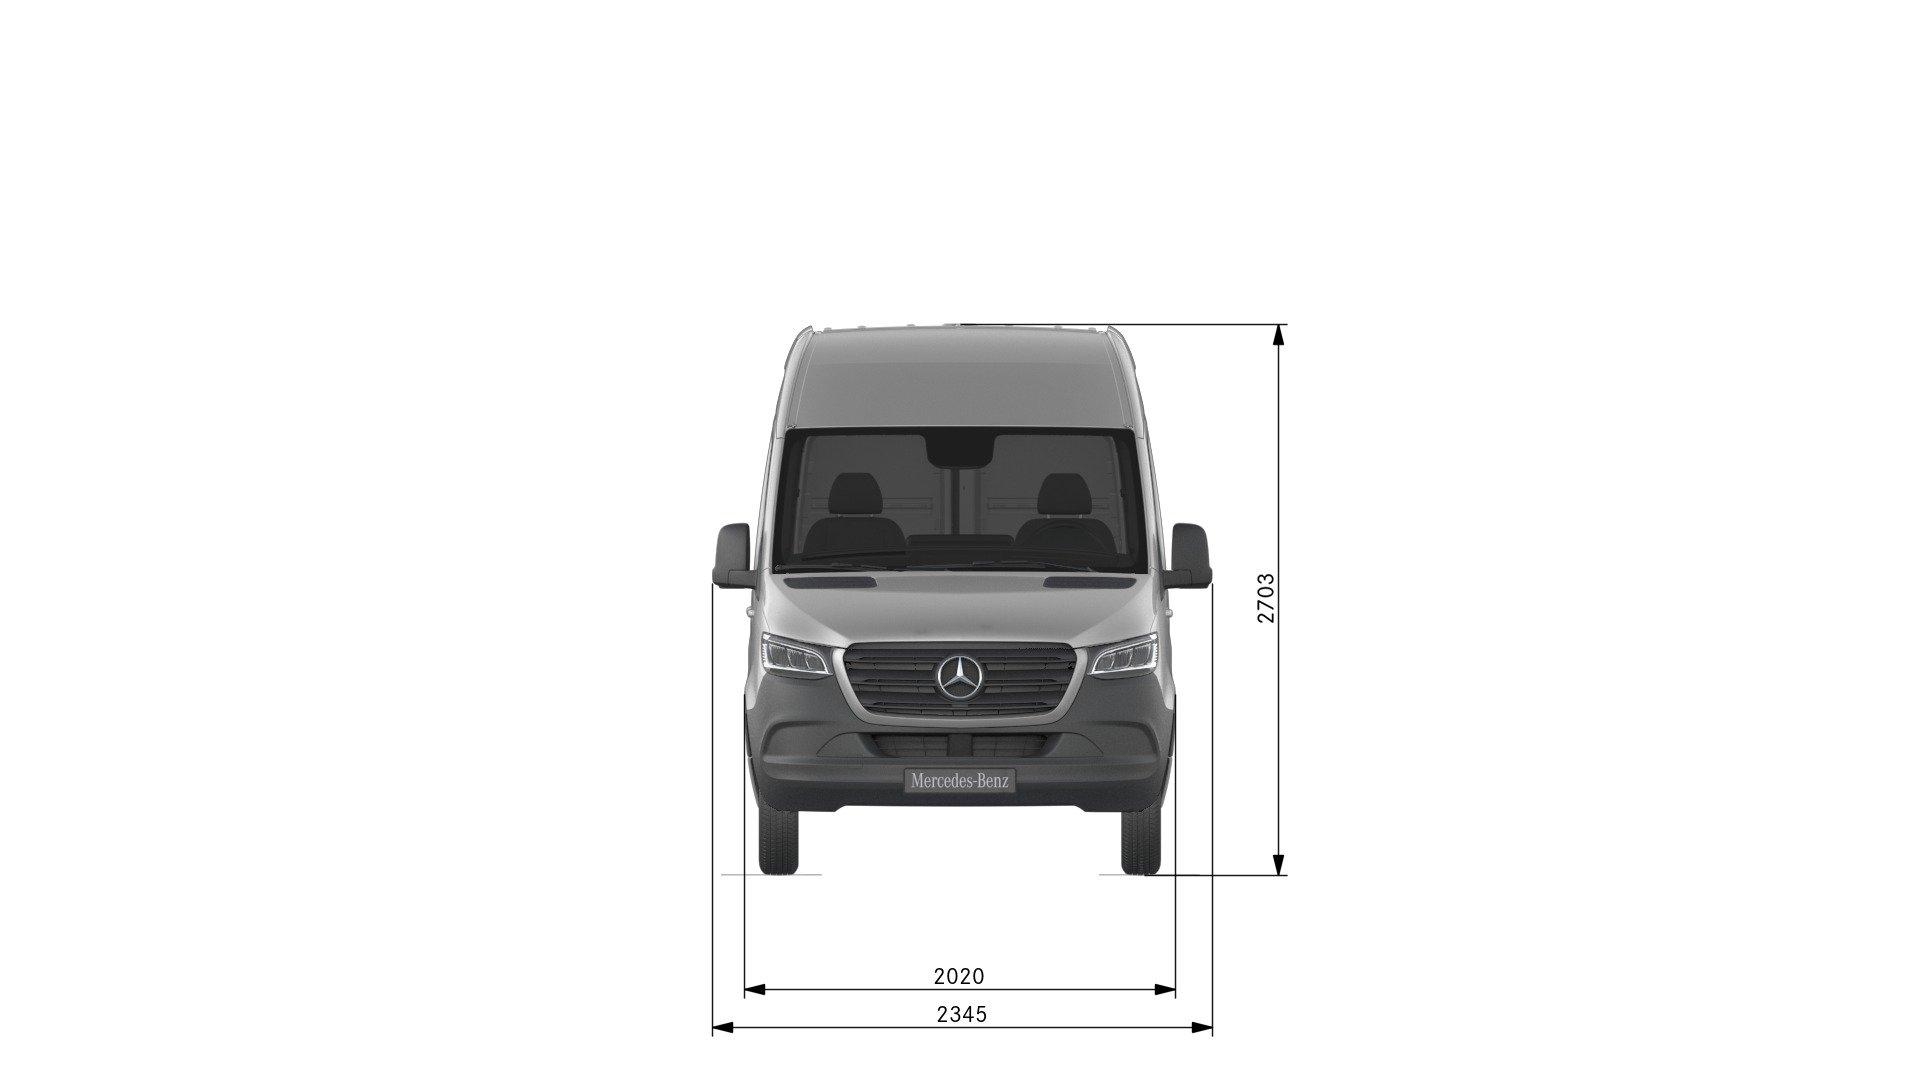 Van drawings-Front view